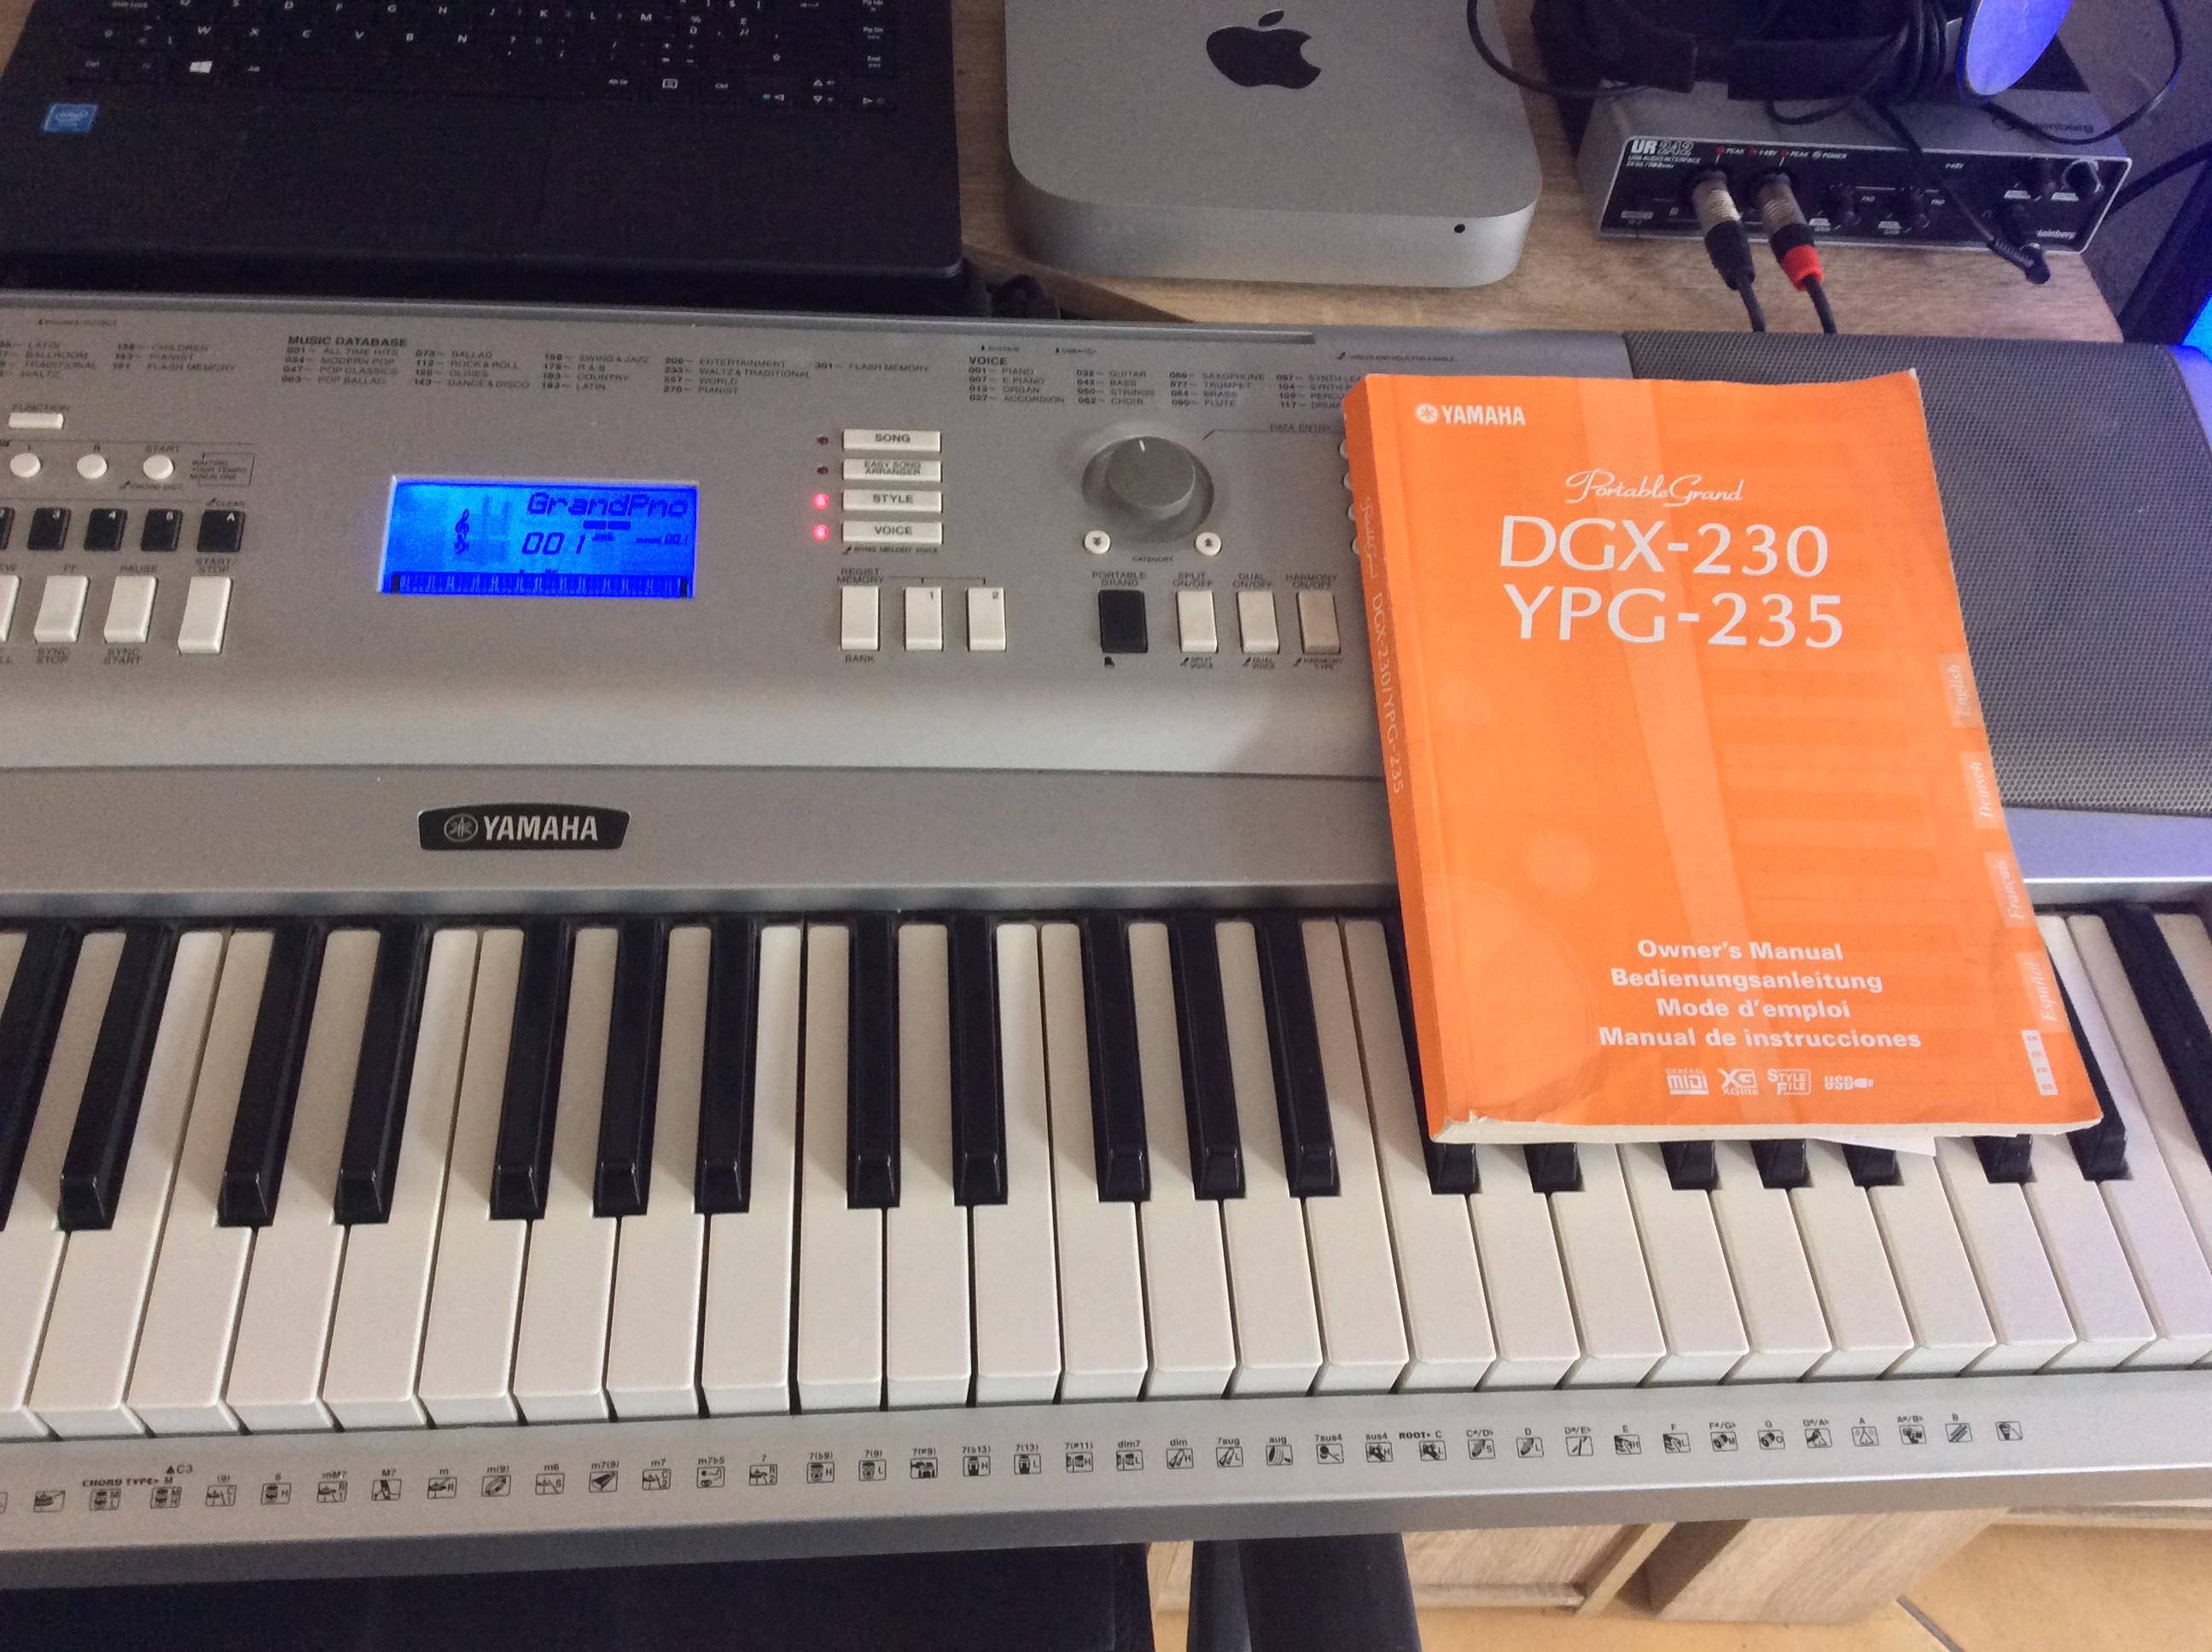 yamaha dgx 230 image 1485484 audiofanzine rh en audiofanzine com yamaha dgx-230 manual español yamaha dgx 230 service manual